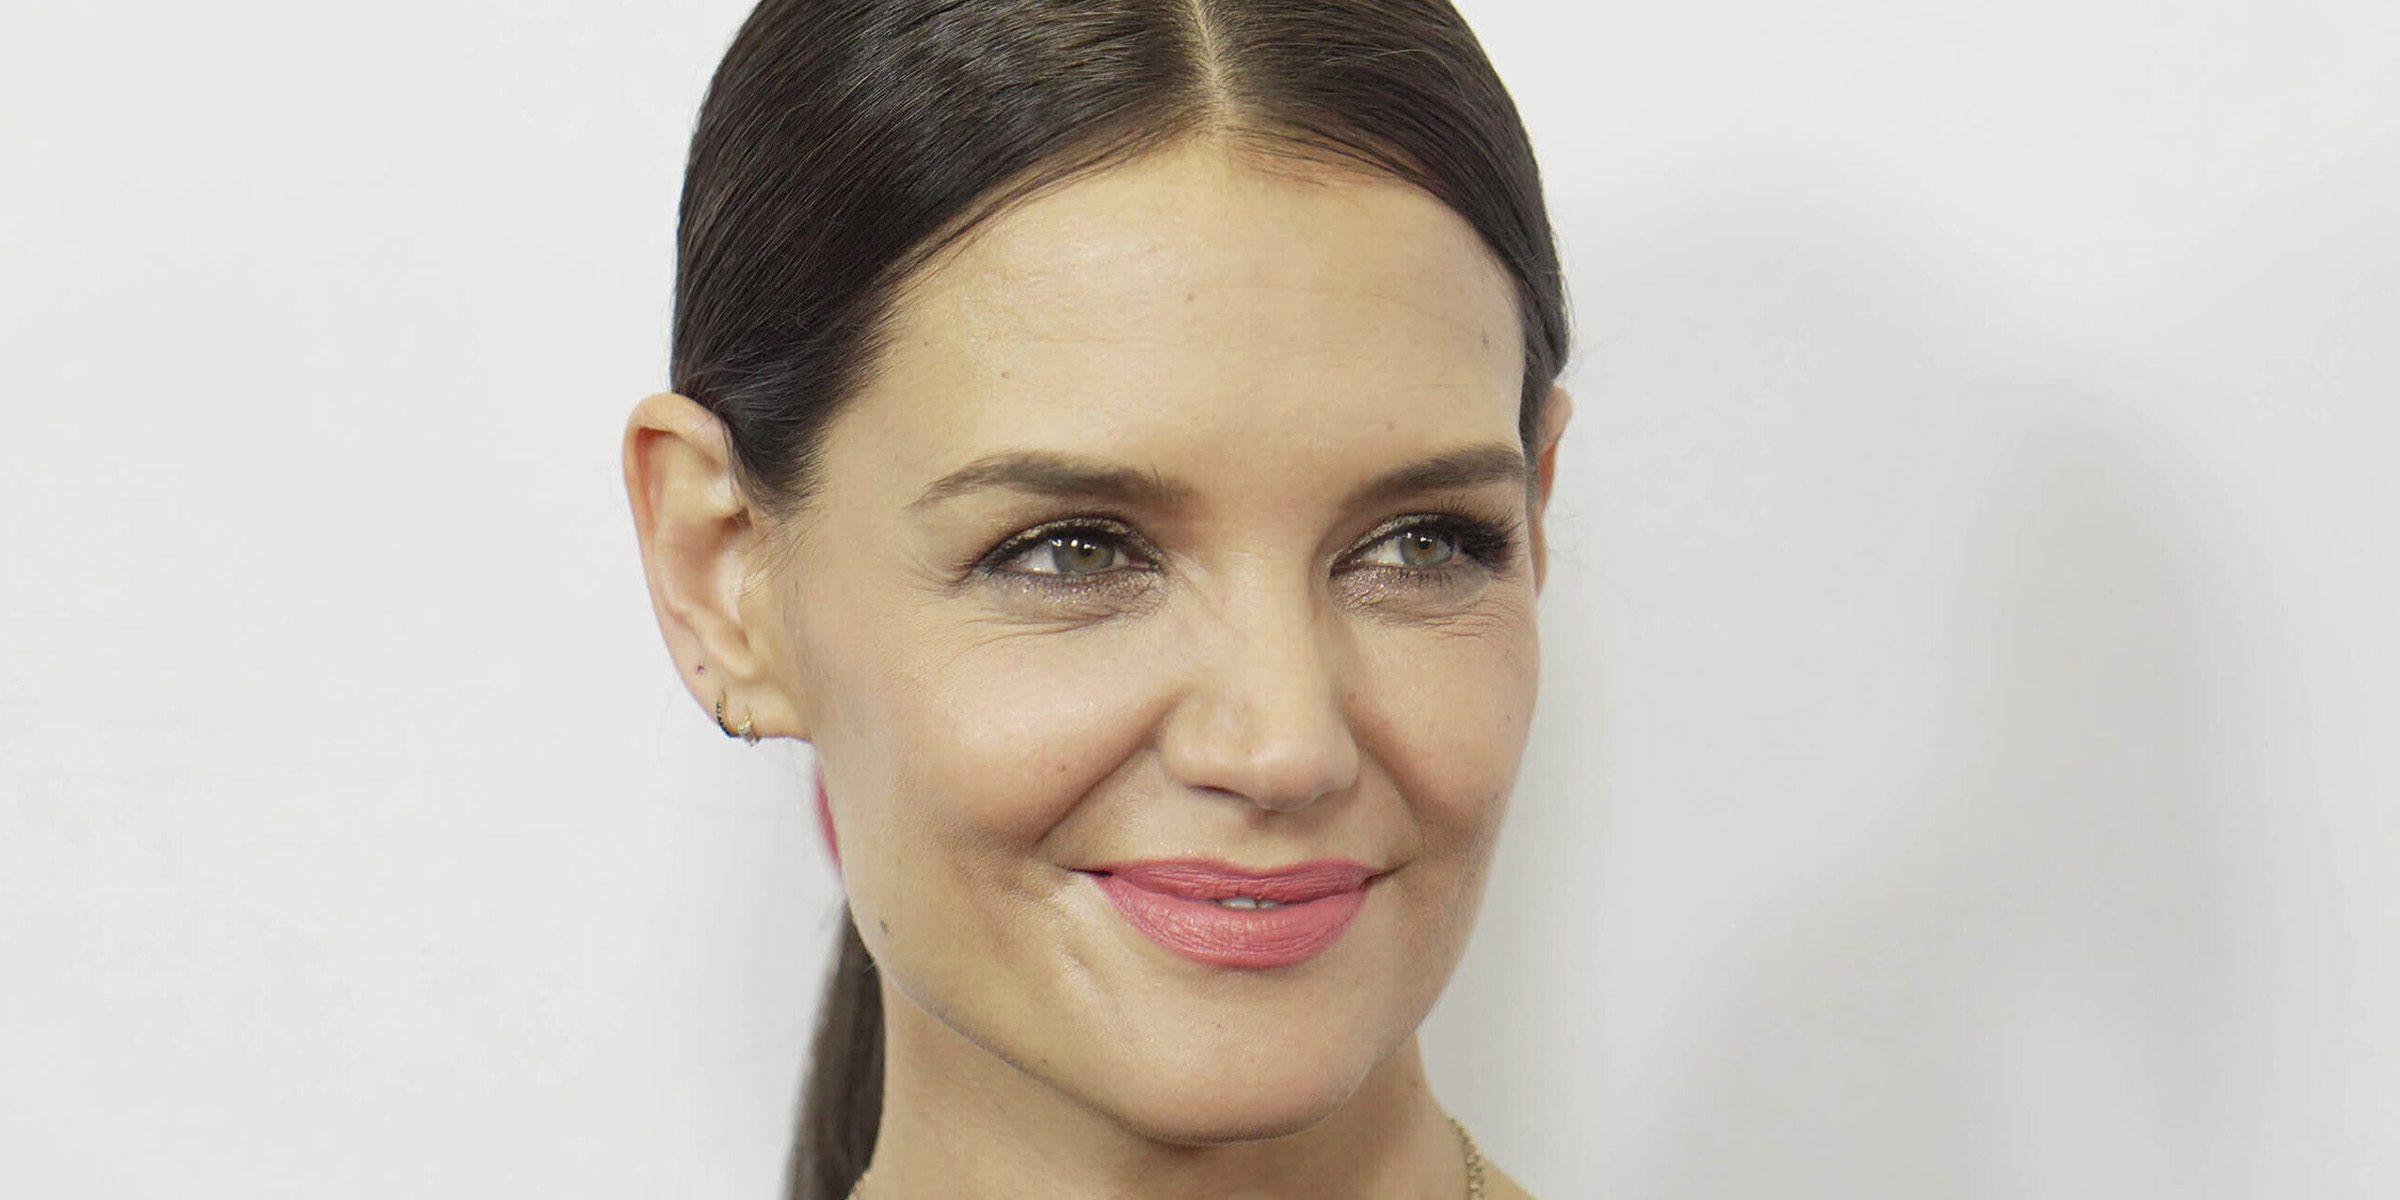 Katie Holmes Net Worth, Age, Boyfriend, Children